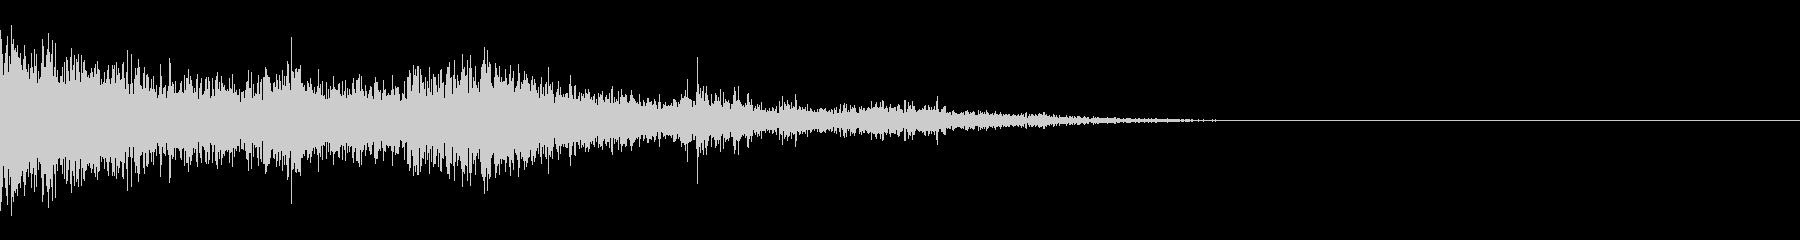 カミナリ(近雷)-15の未再生の波形